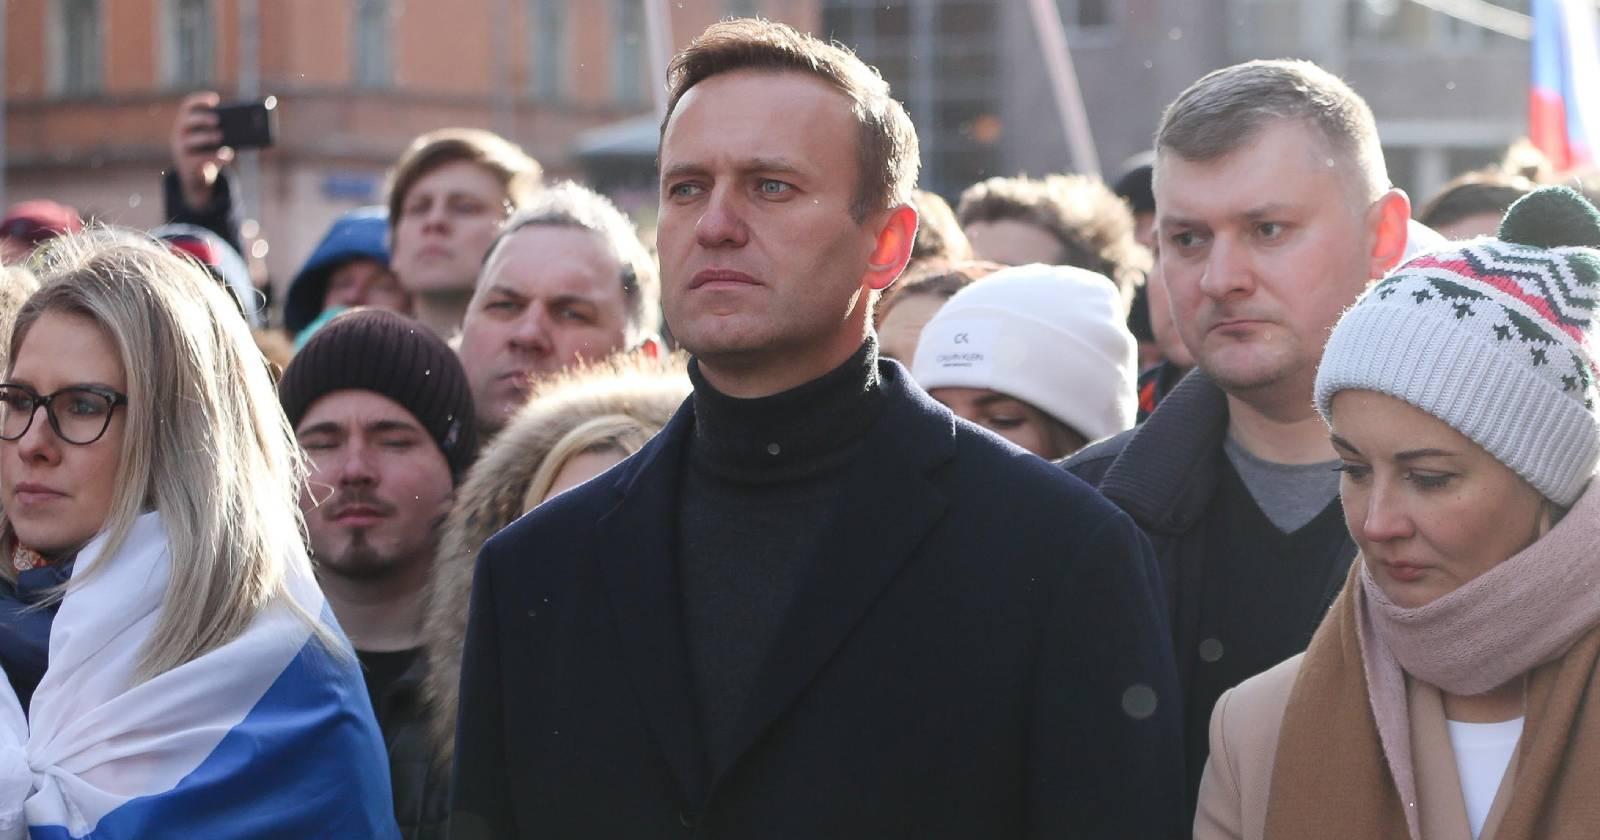 Trasladan a Alemania a opositor ruso en estado grave tras envenenamiento